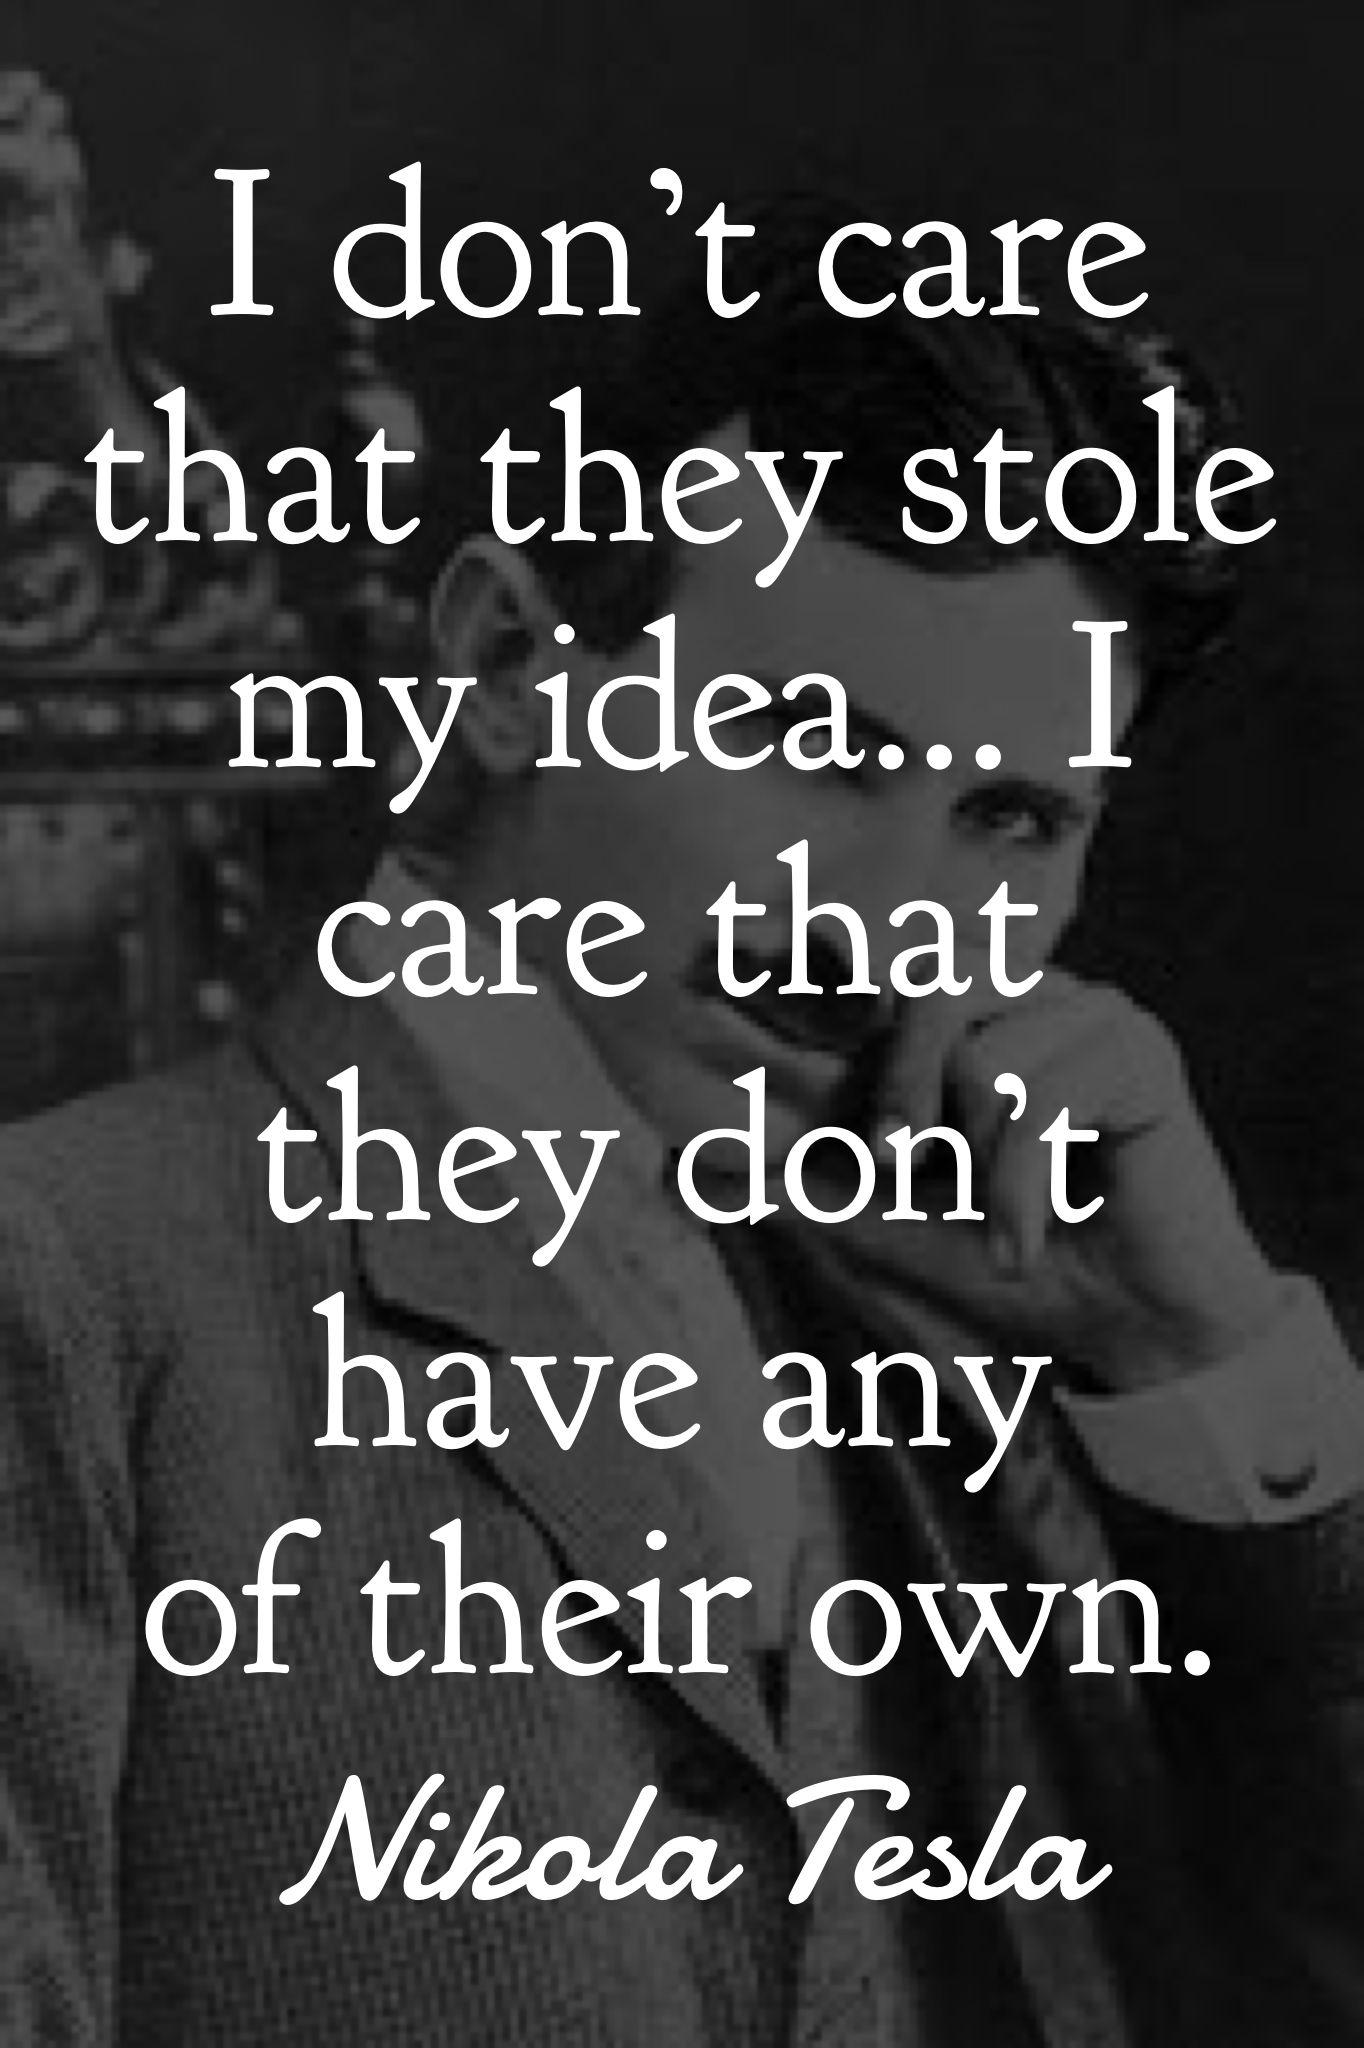 Tesla Quote Tesla quotes, Nikola tesla quotes, Nikola tesla